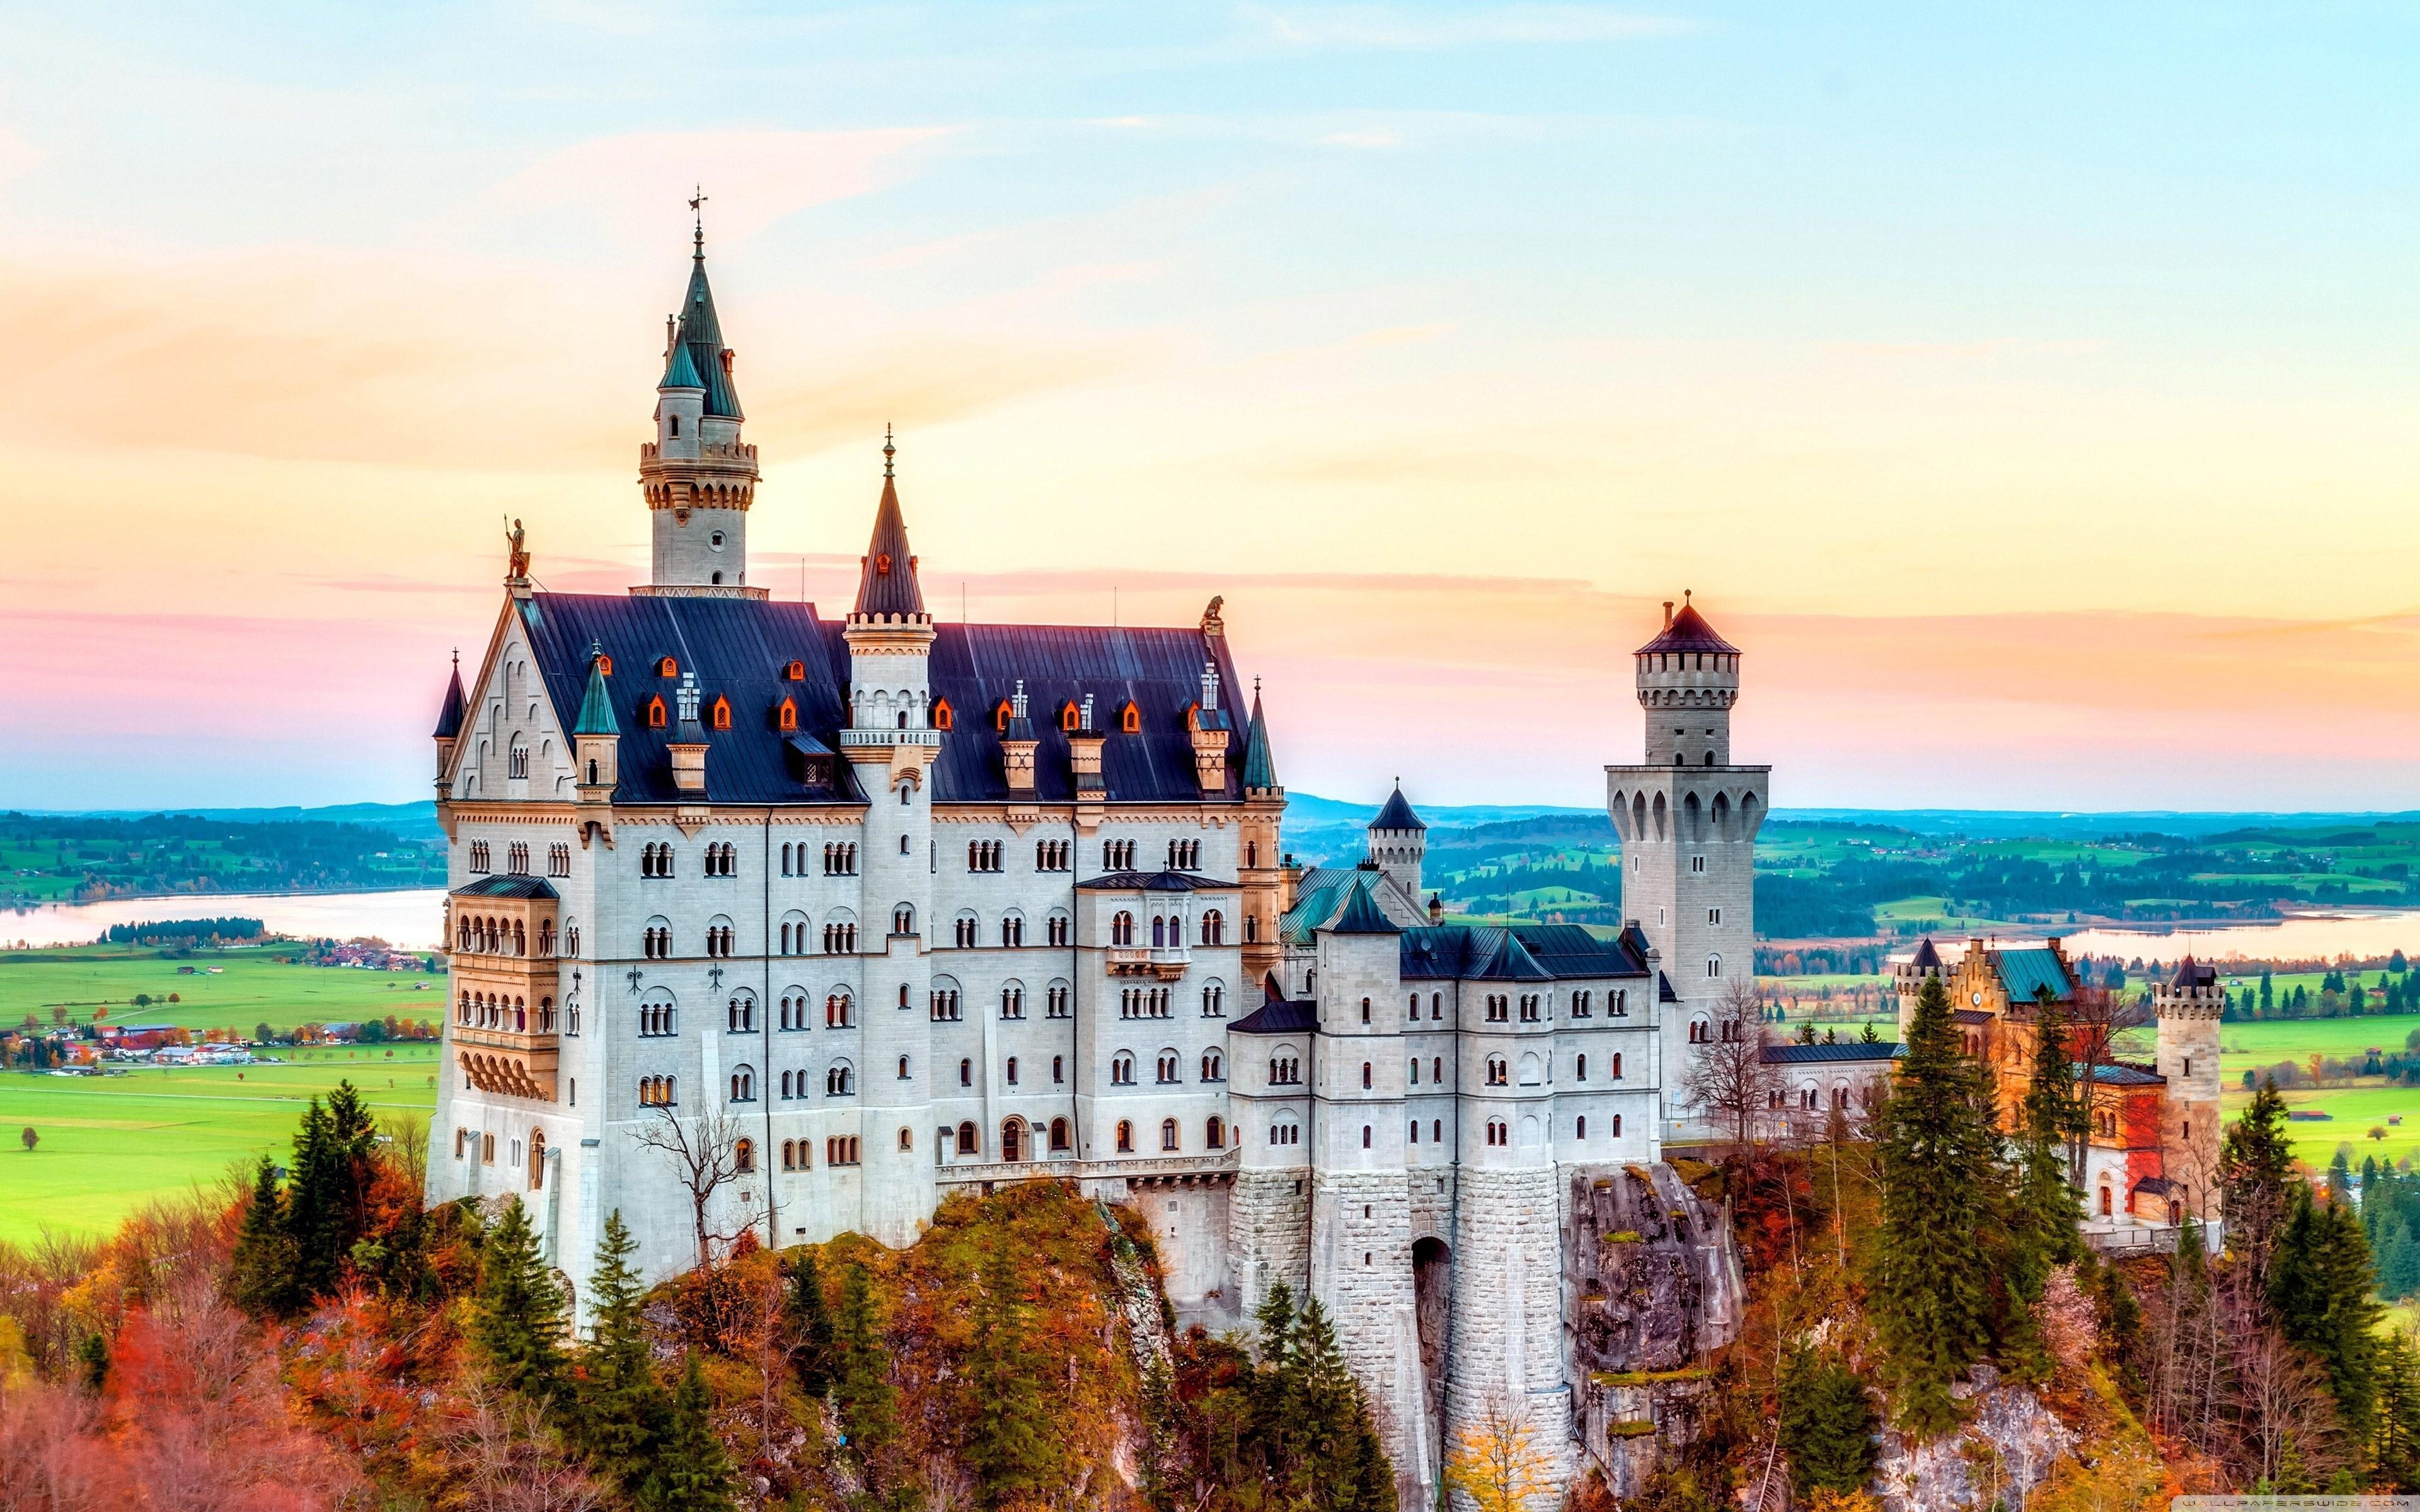 Neuschwanstein Castle In Schwangau Germany 4k Wallpapers